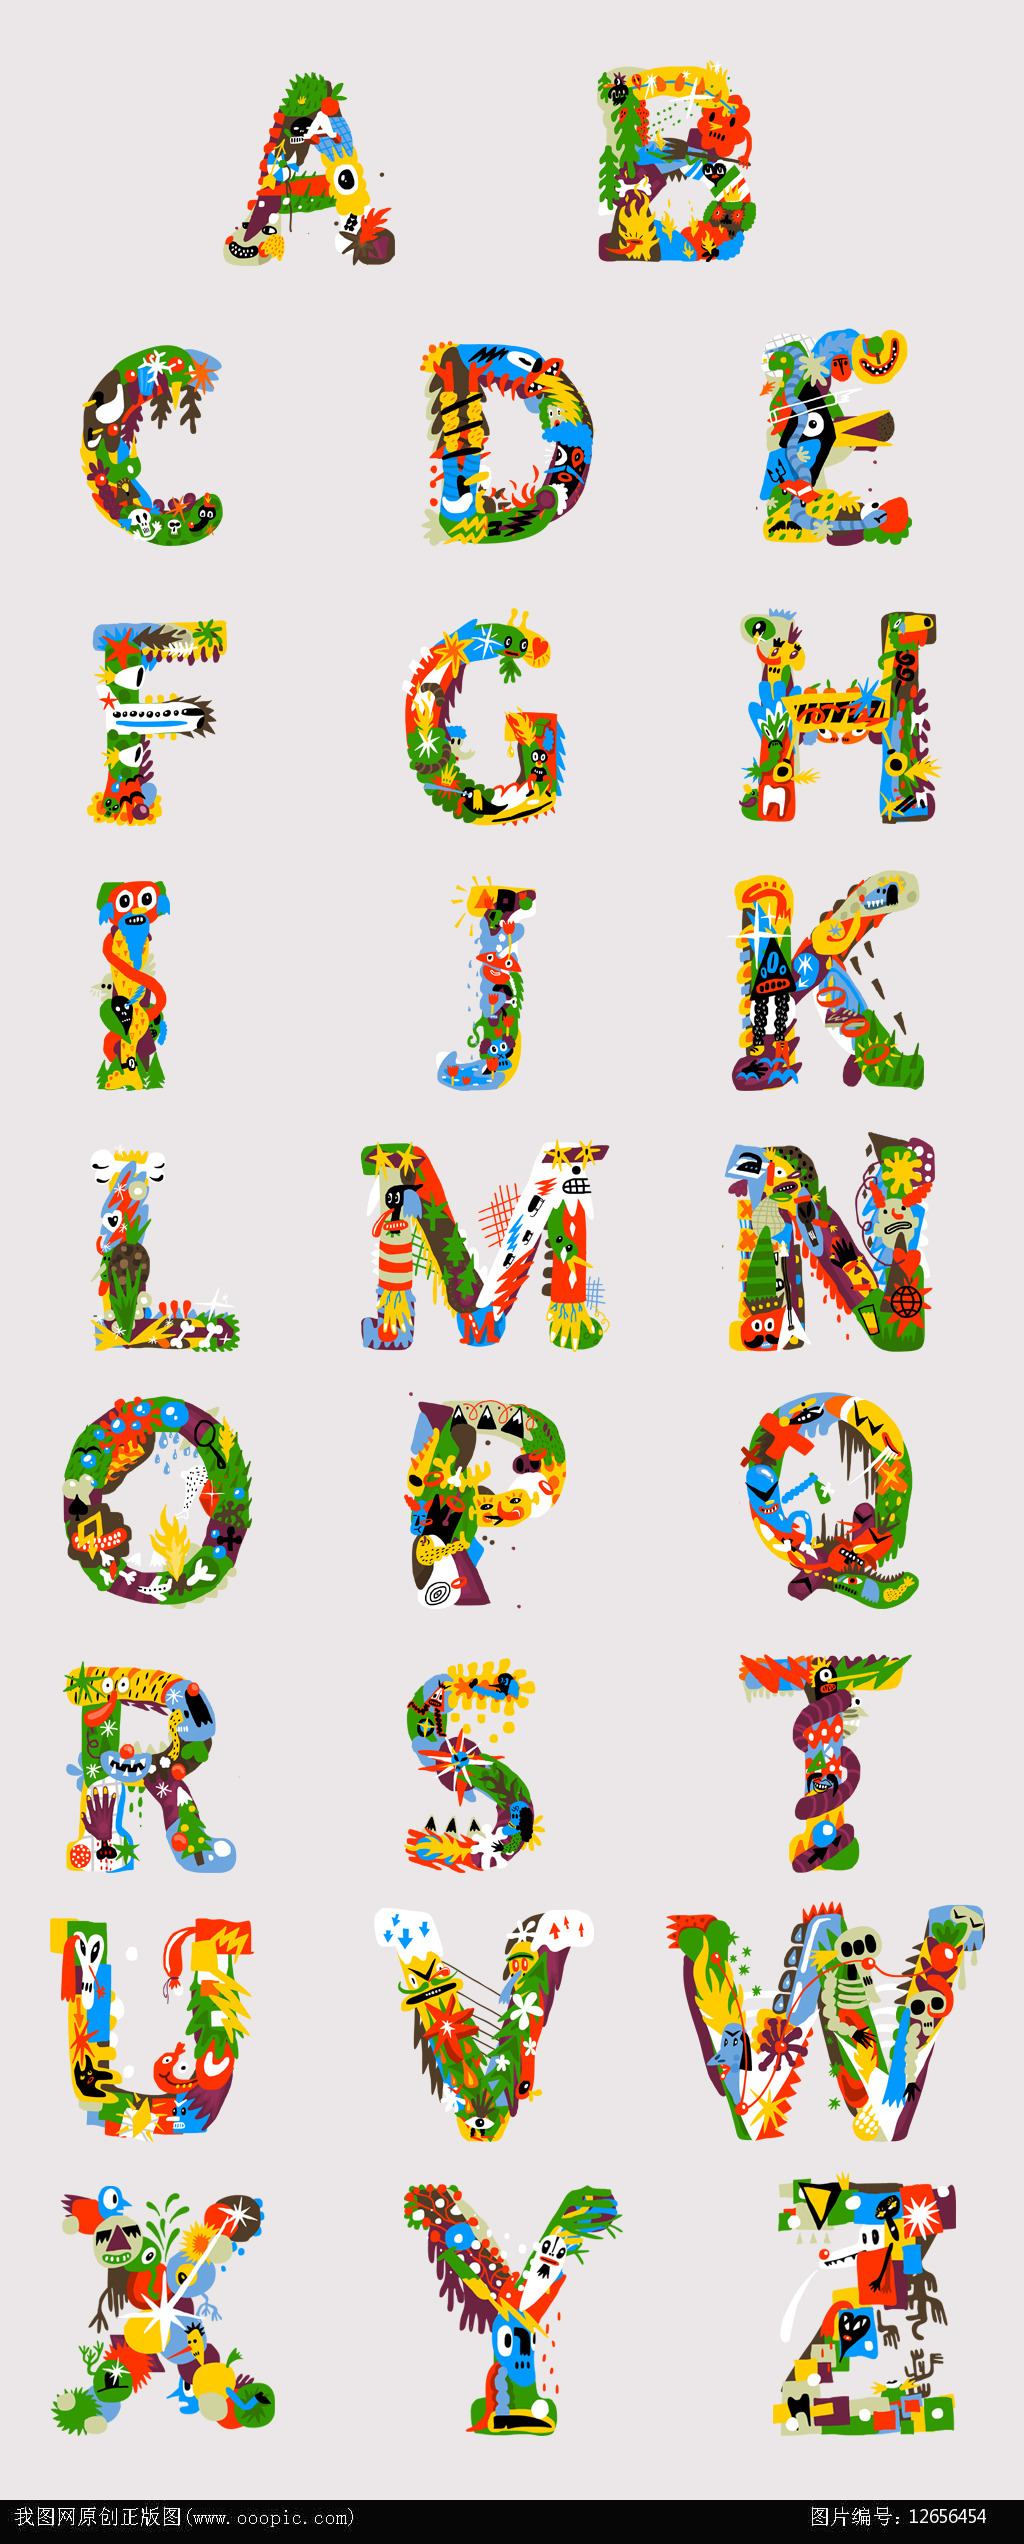 平面设计 海报设计 其他海报设计 > 卡通英文字母设计  下一张&图片